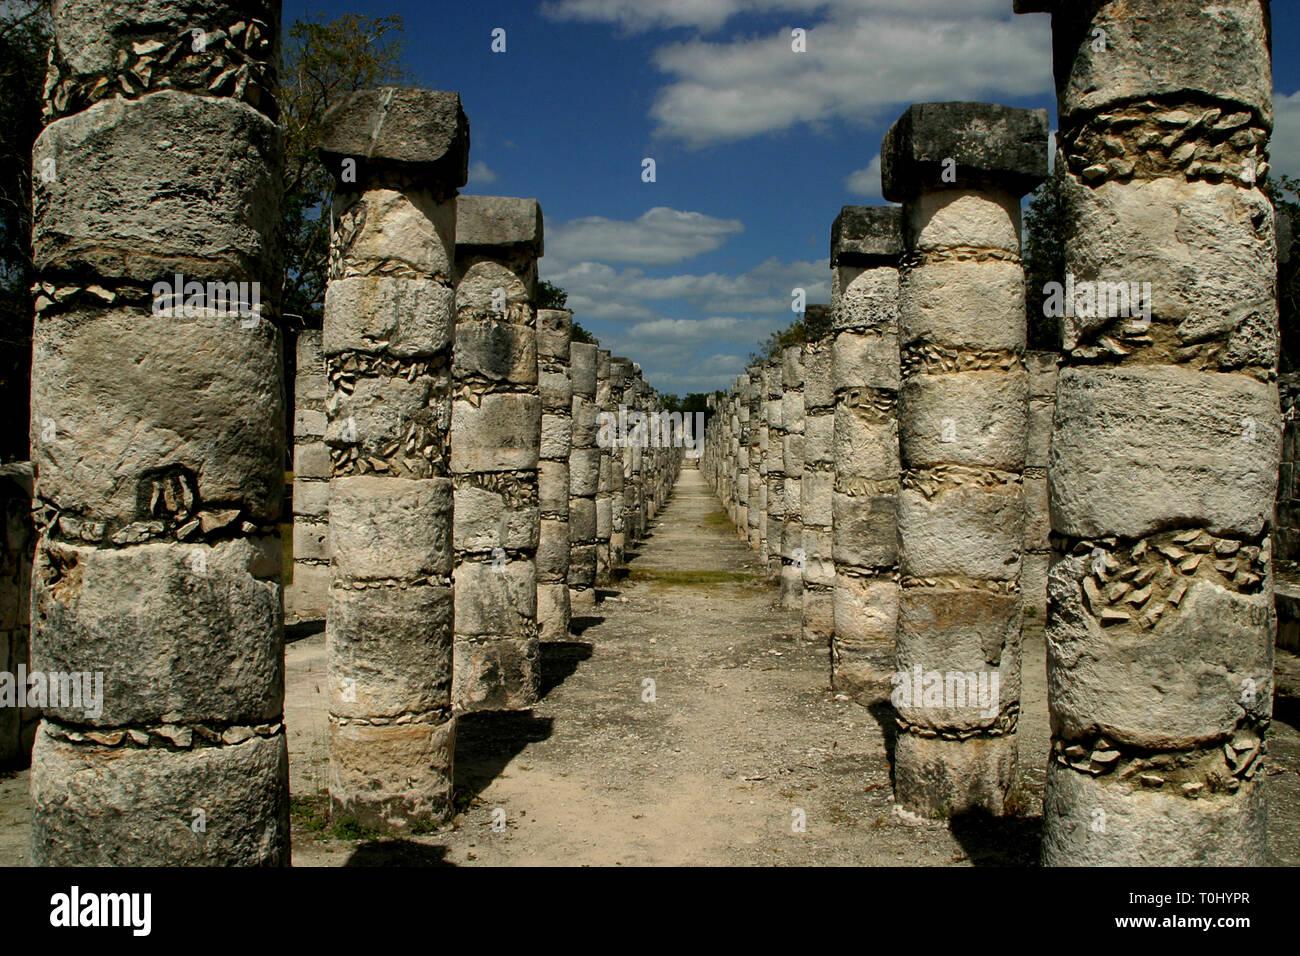 Templo de los Guerreros y de las 1000 Columnas.  Zona arqueologica de Chichen Itza Zona arqueológica    Chichén ItzáChichén Itzá maya: (Chichén) Boca del pozo;   de los (Itzá) brujos de agua.   Es uno de los principales sitios arqueológicos de la   península de Yucatán, en México, ubicado en el municipio de Tinum.  Photo: ©Francisco Morales/DAMMPHOTO.COM/NORTEPHOTO - Stock Image